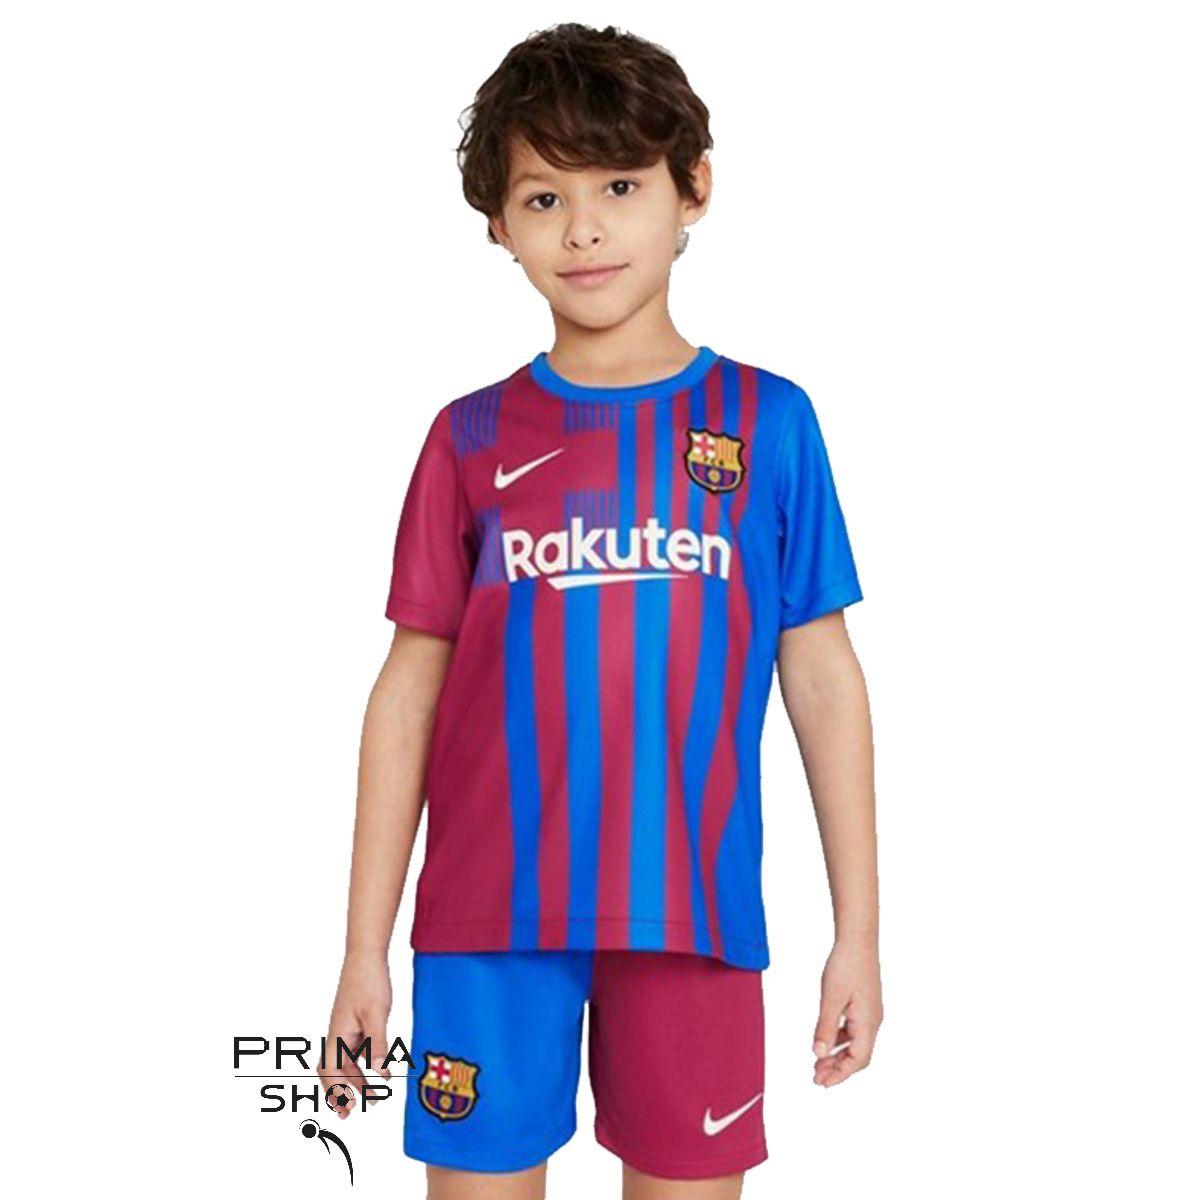 لباس بچه گانه بارسلونا 2022